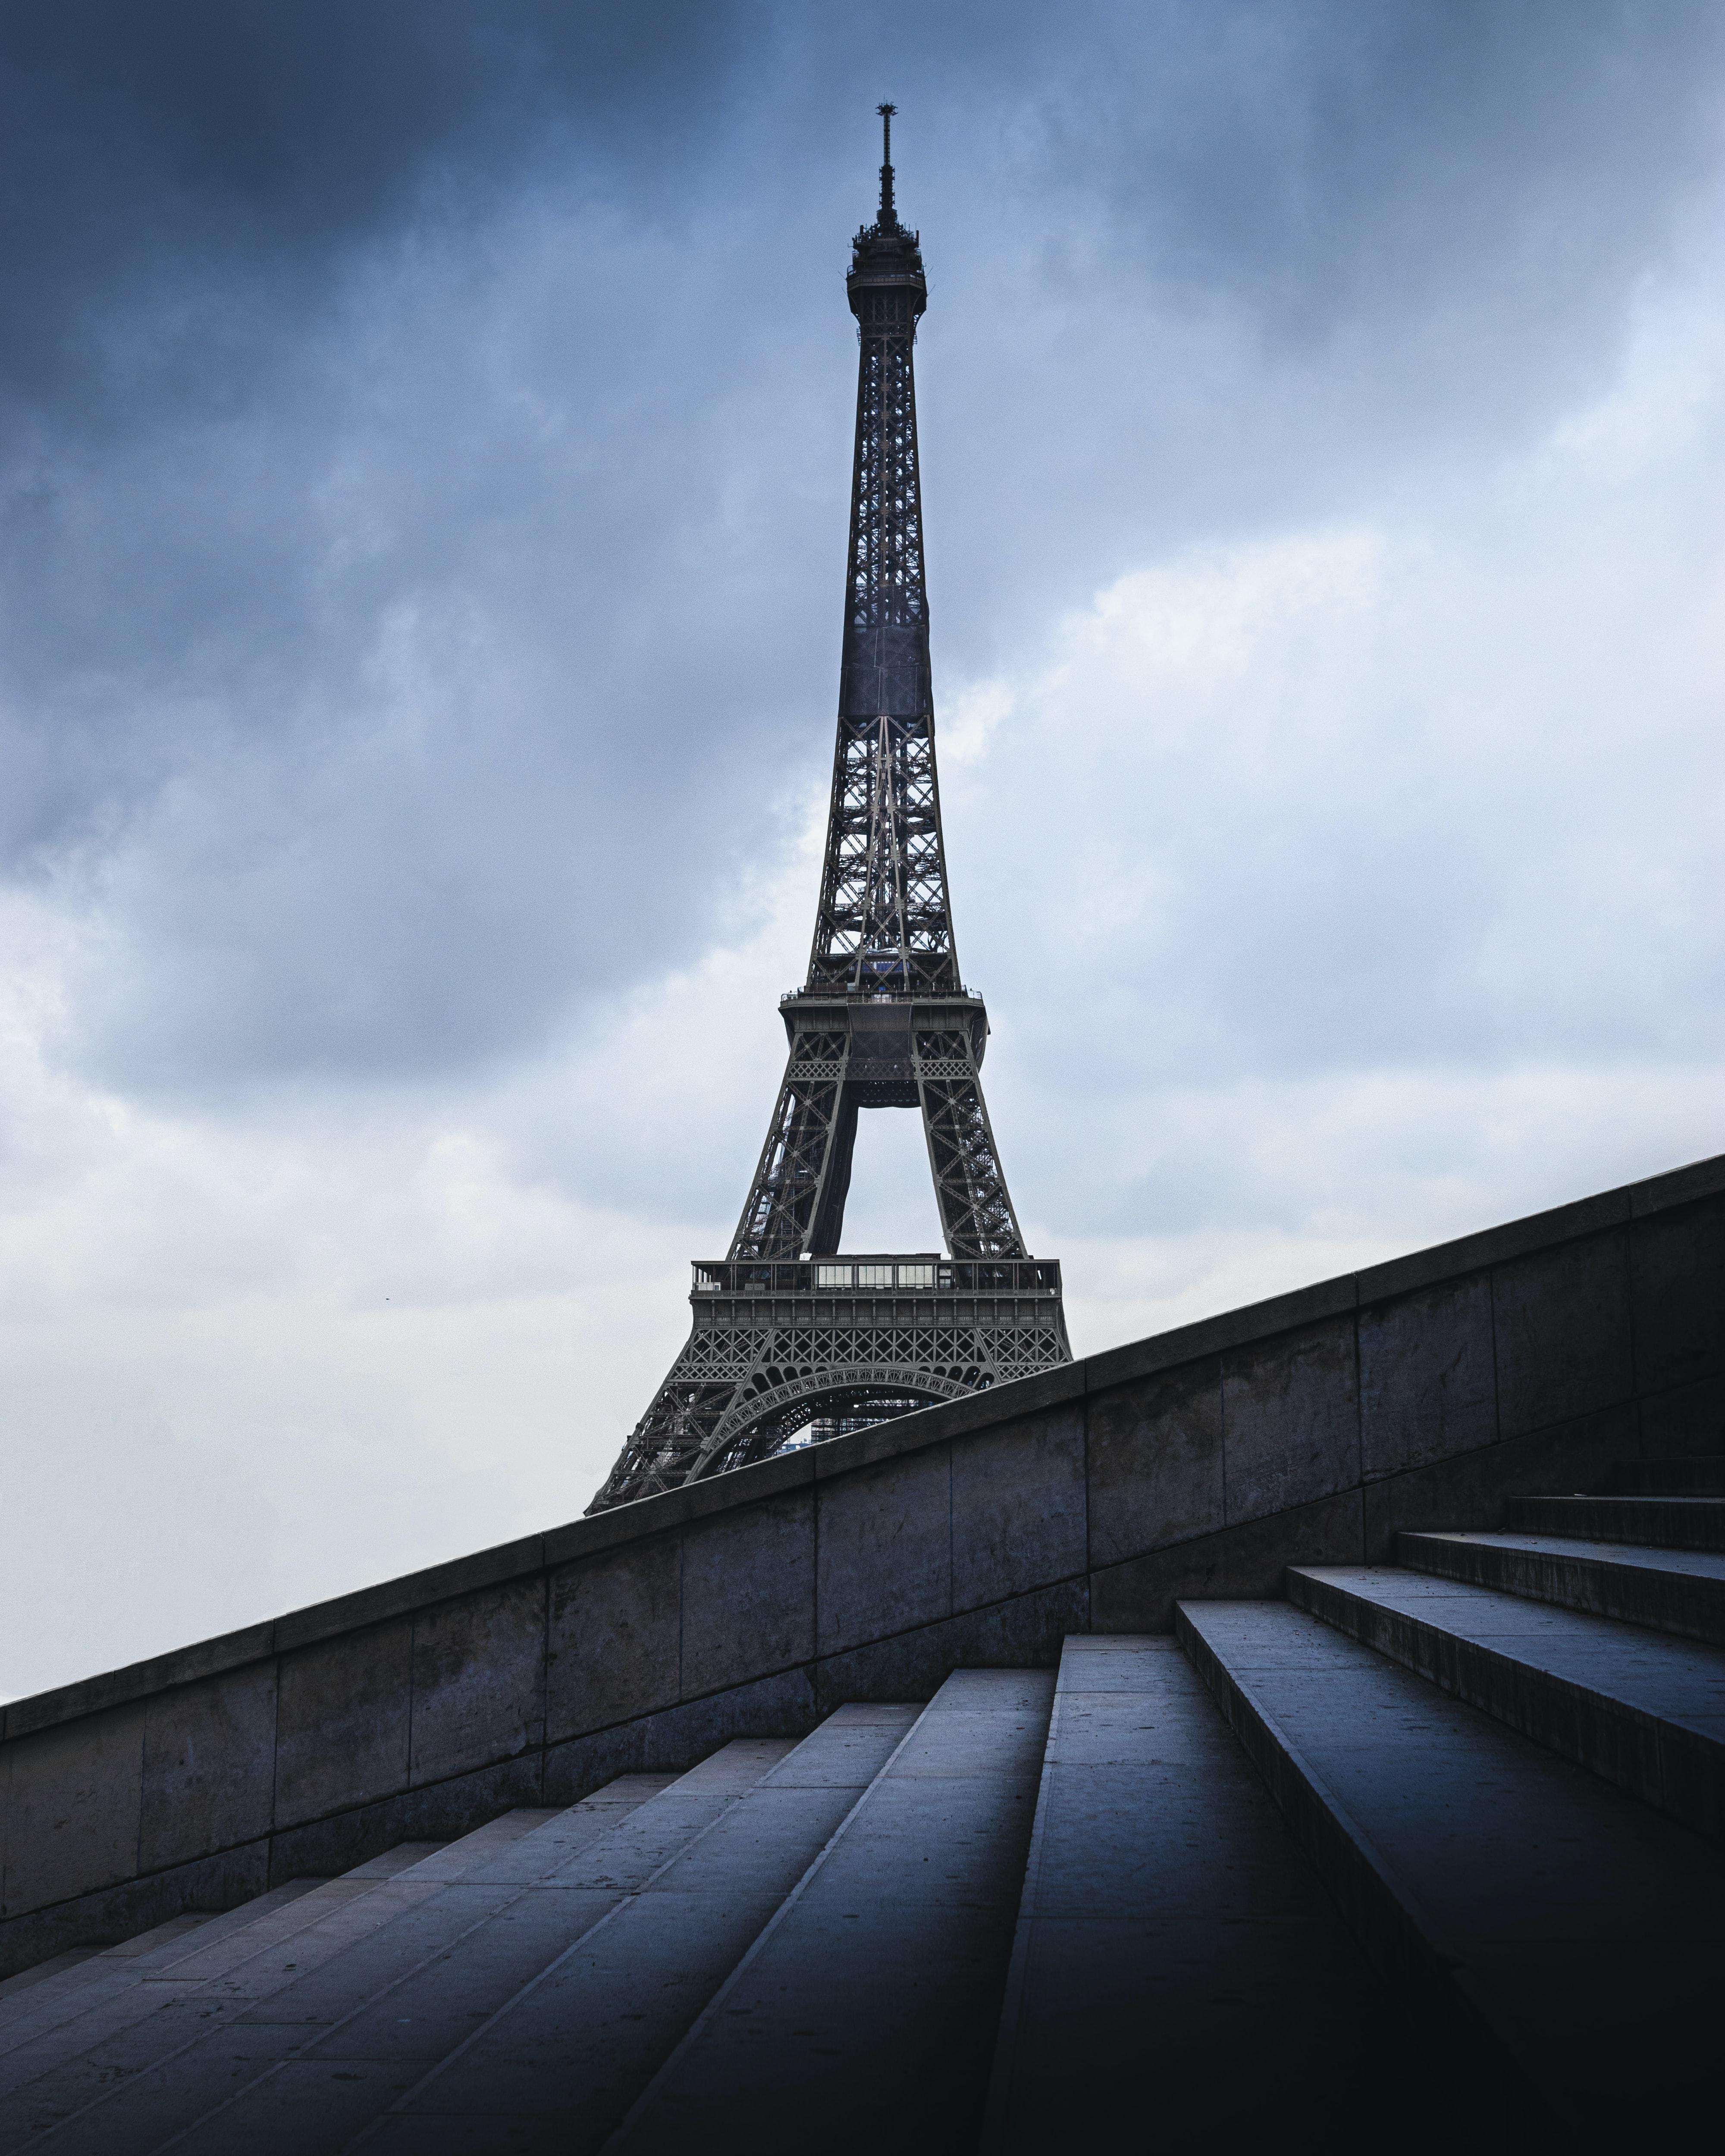 71896 télécharger le fond d'écran Divers, La Tour, Tour, Escaliers, Échelle, L'architecture, Tour Eiffel - économiseurs d'écran et images gratuitement